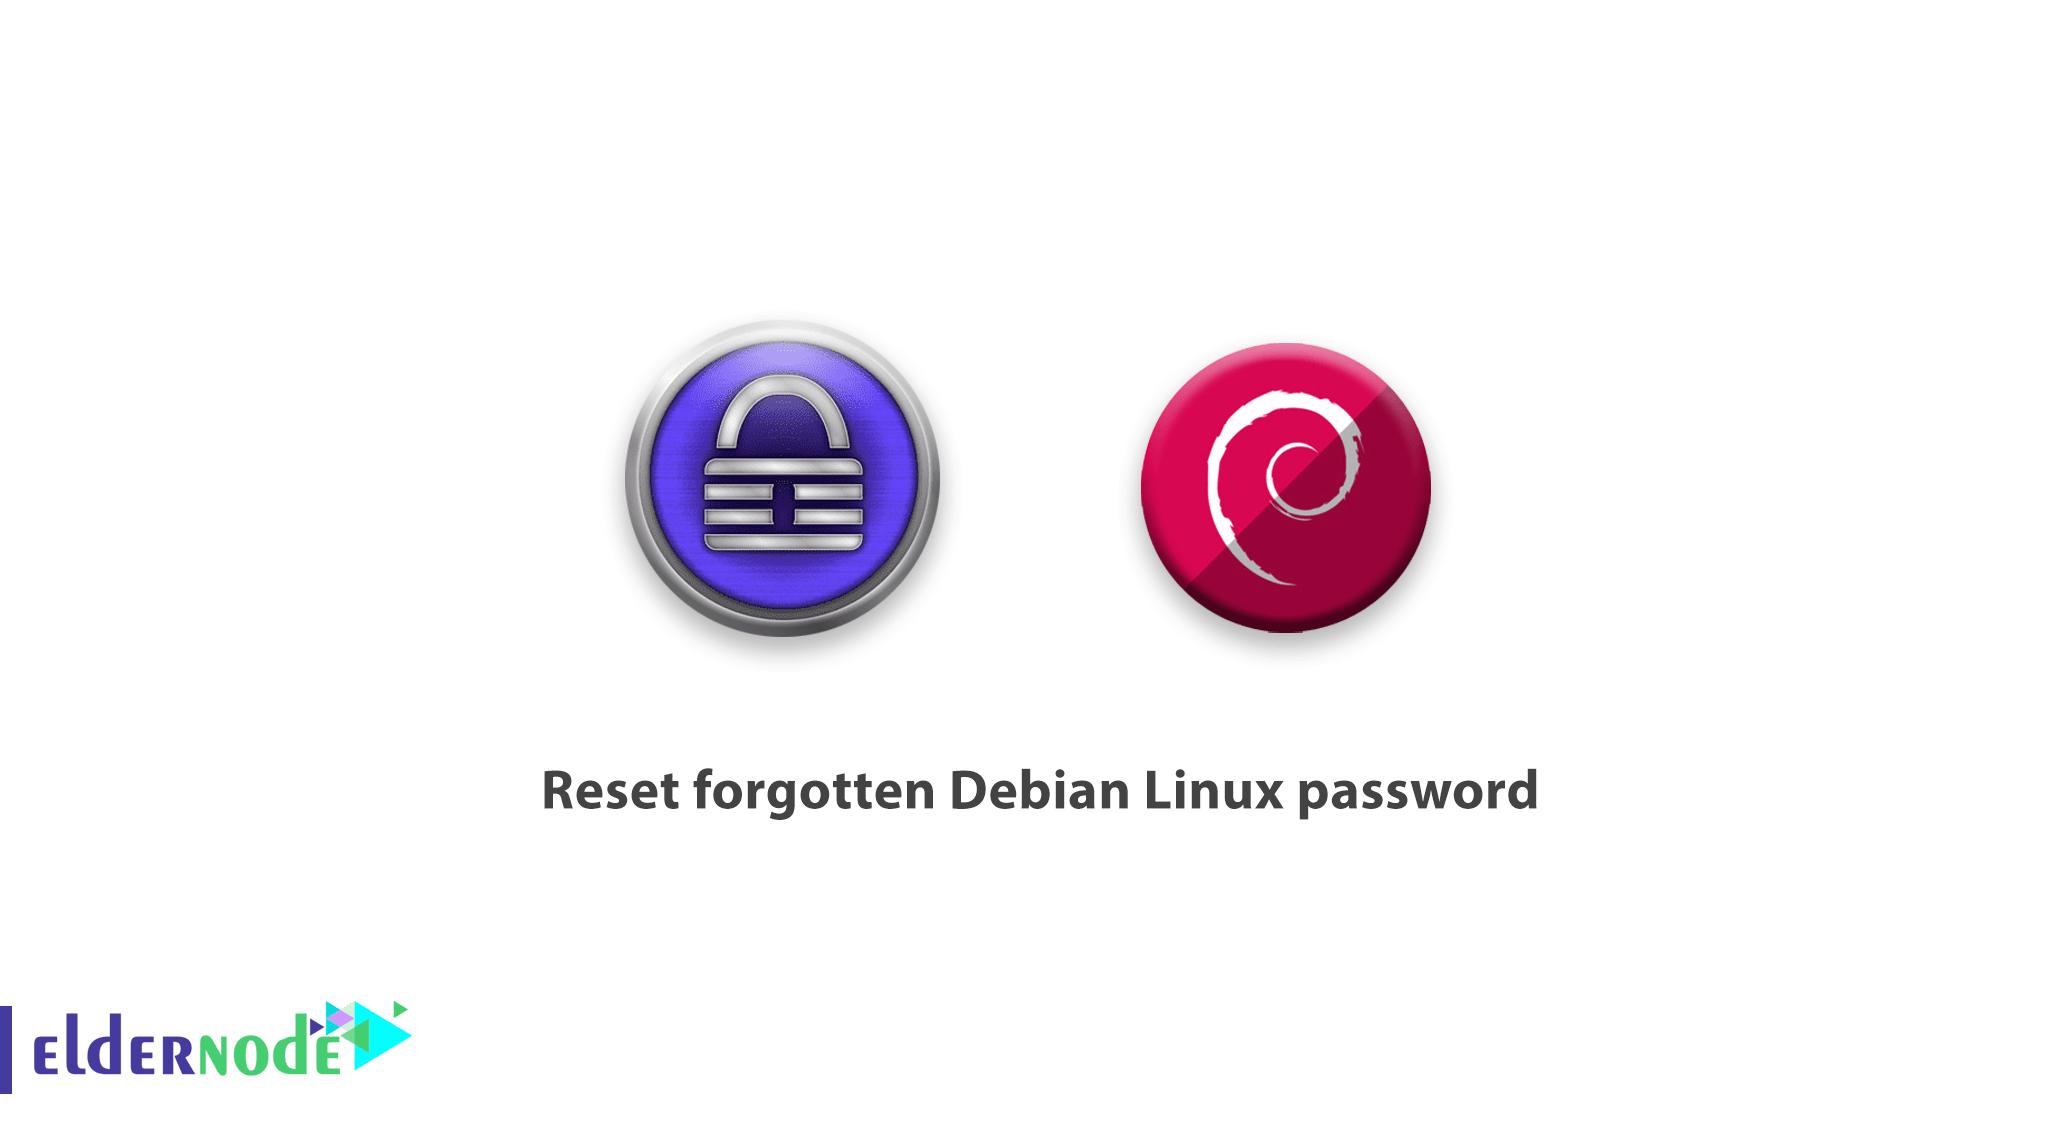 Reset forgotten Debian Linux password